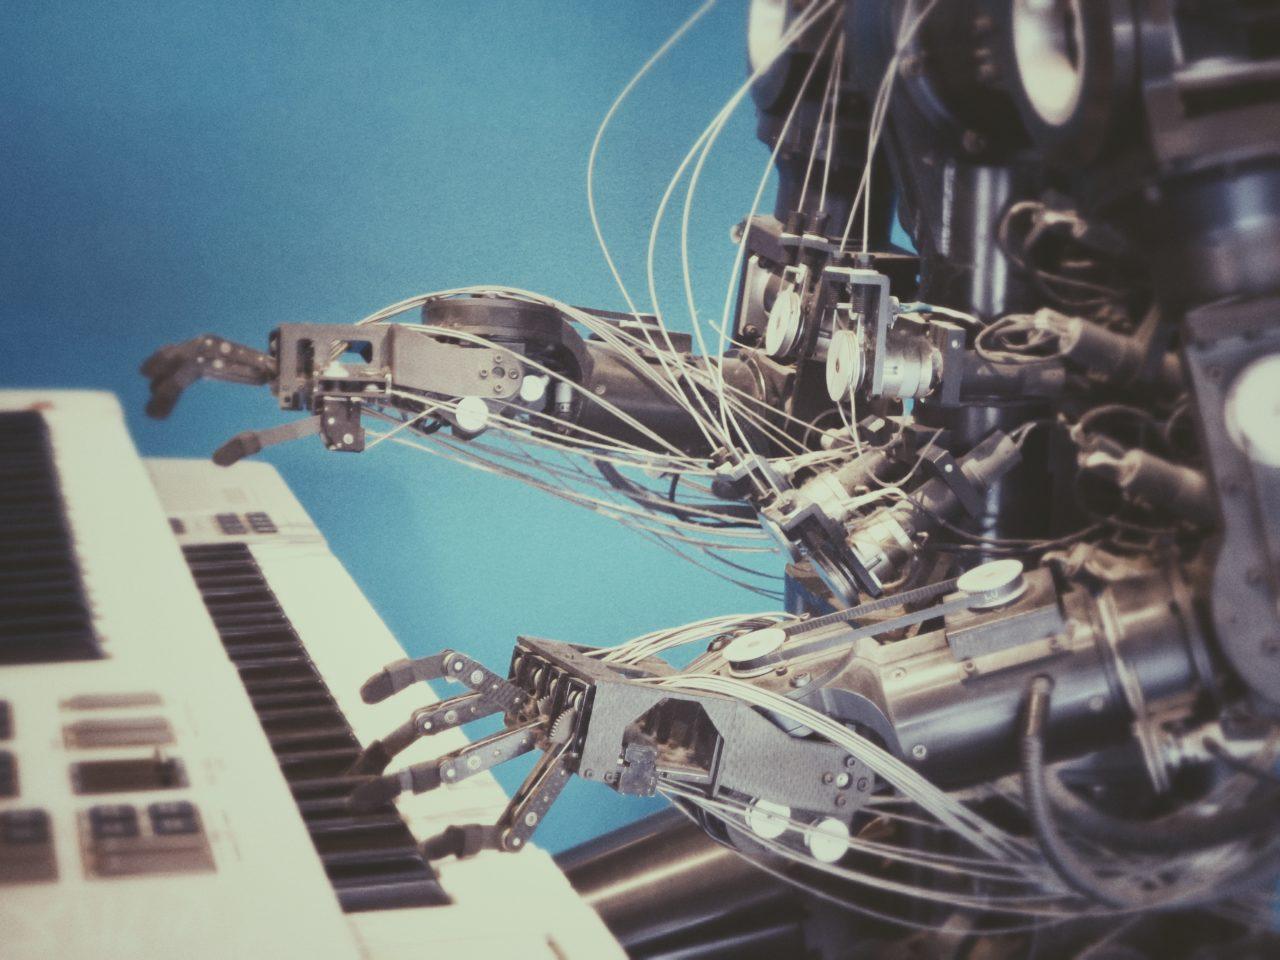 Comment le machine learning peut-il renforcer la cybersécurité des entreprises ?